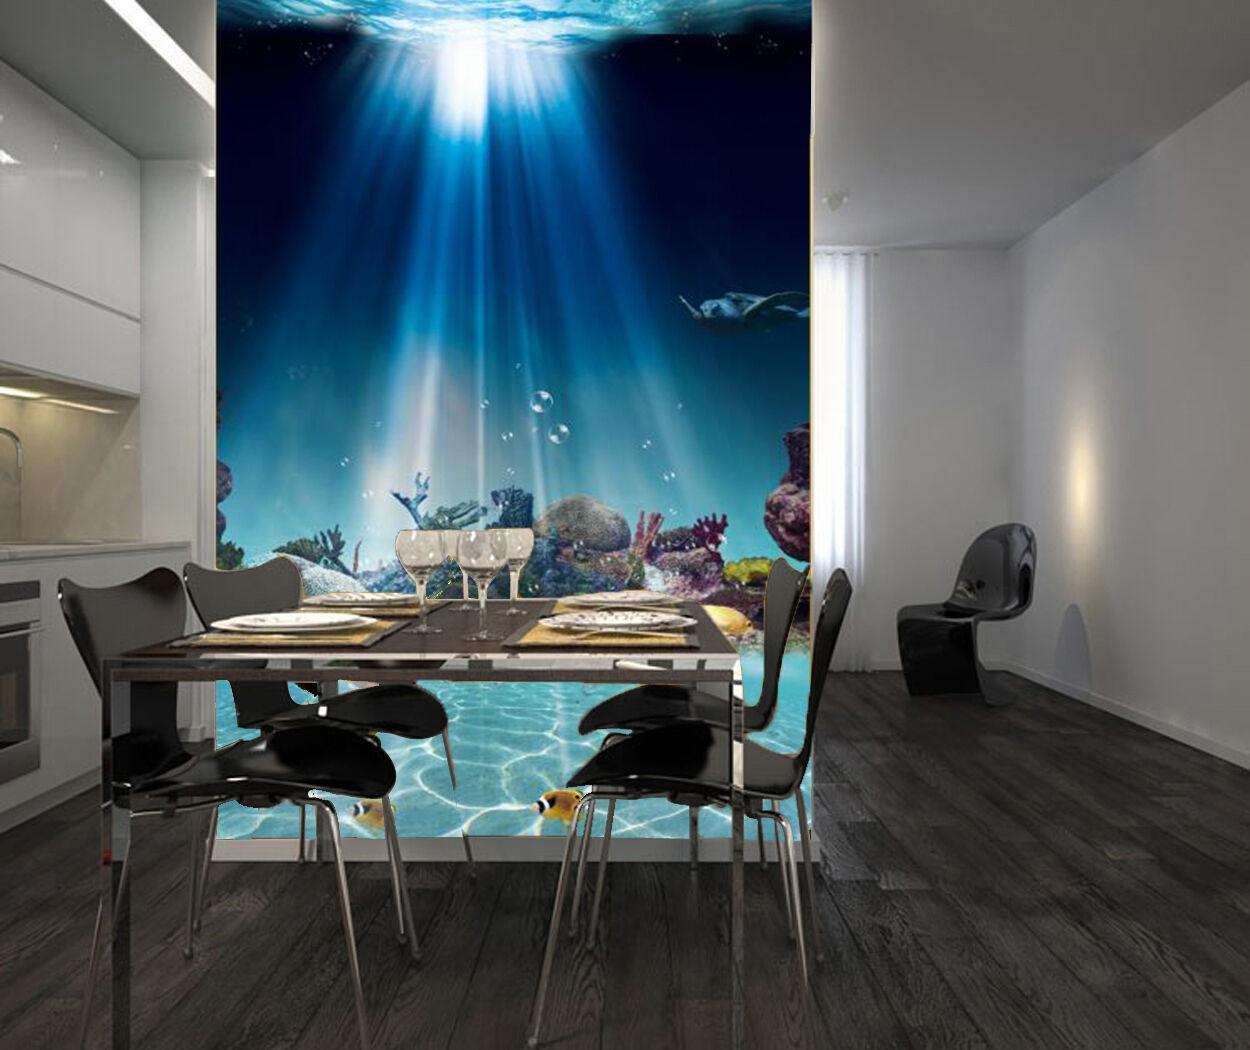 3D Lune Piscine 363 Photo Papier Peint en Autocollant Murale Plafond Chambre Art